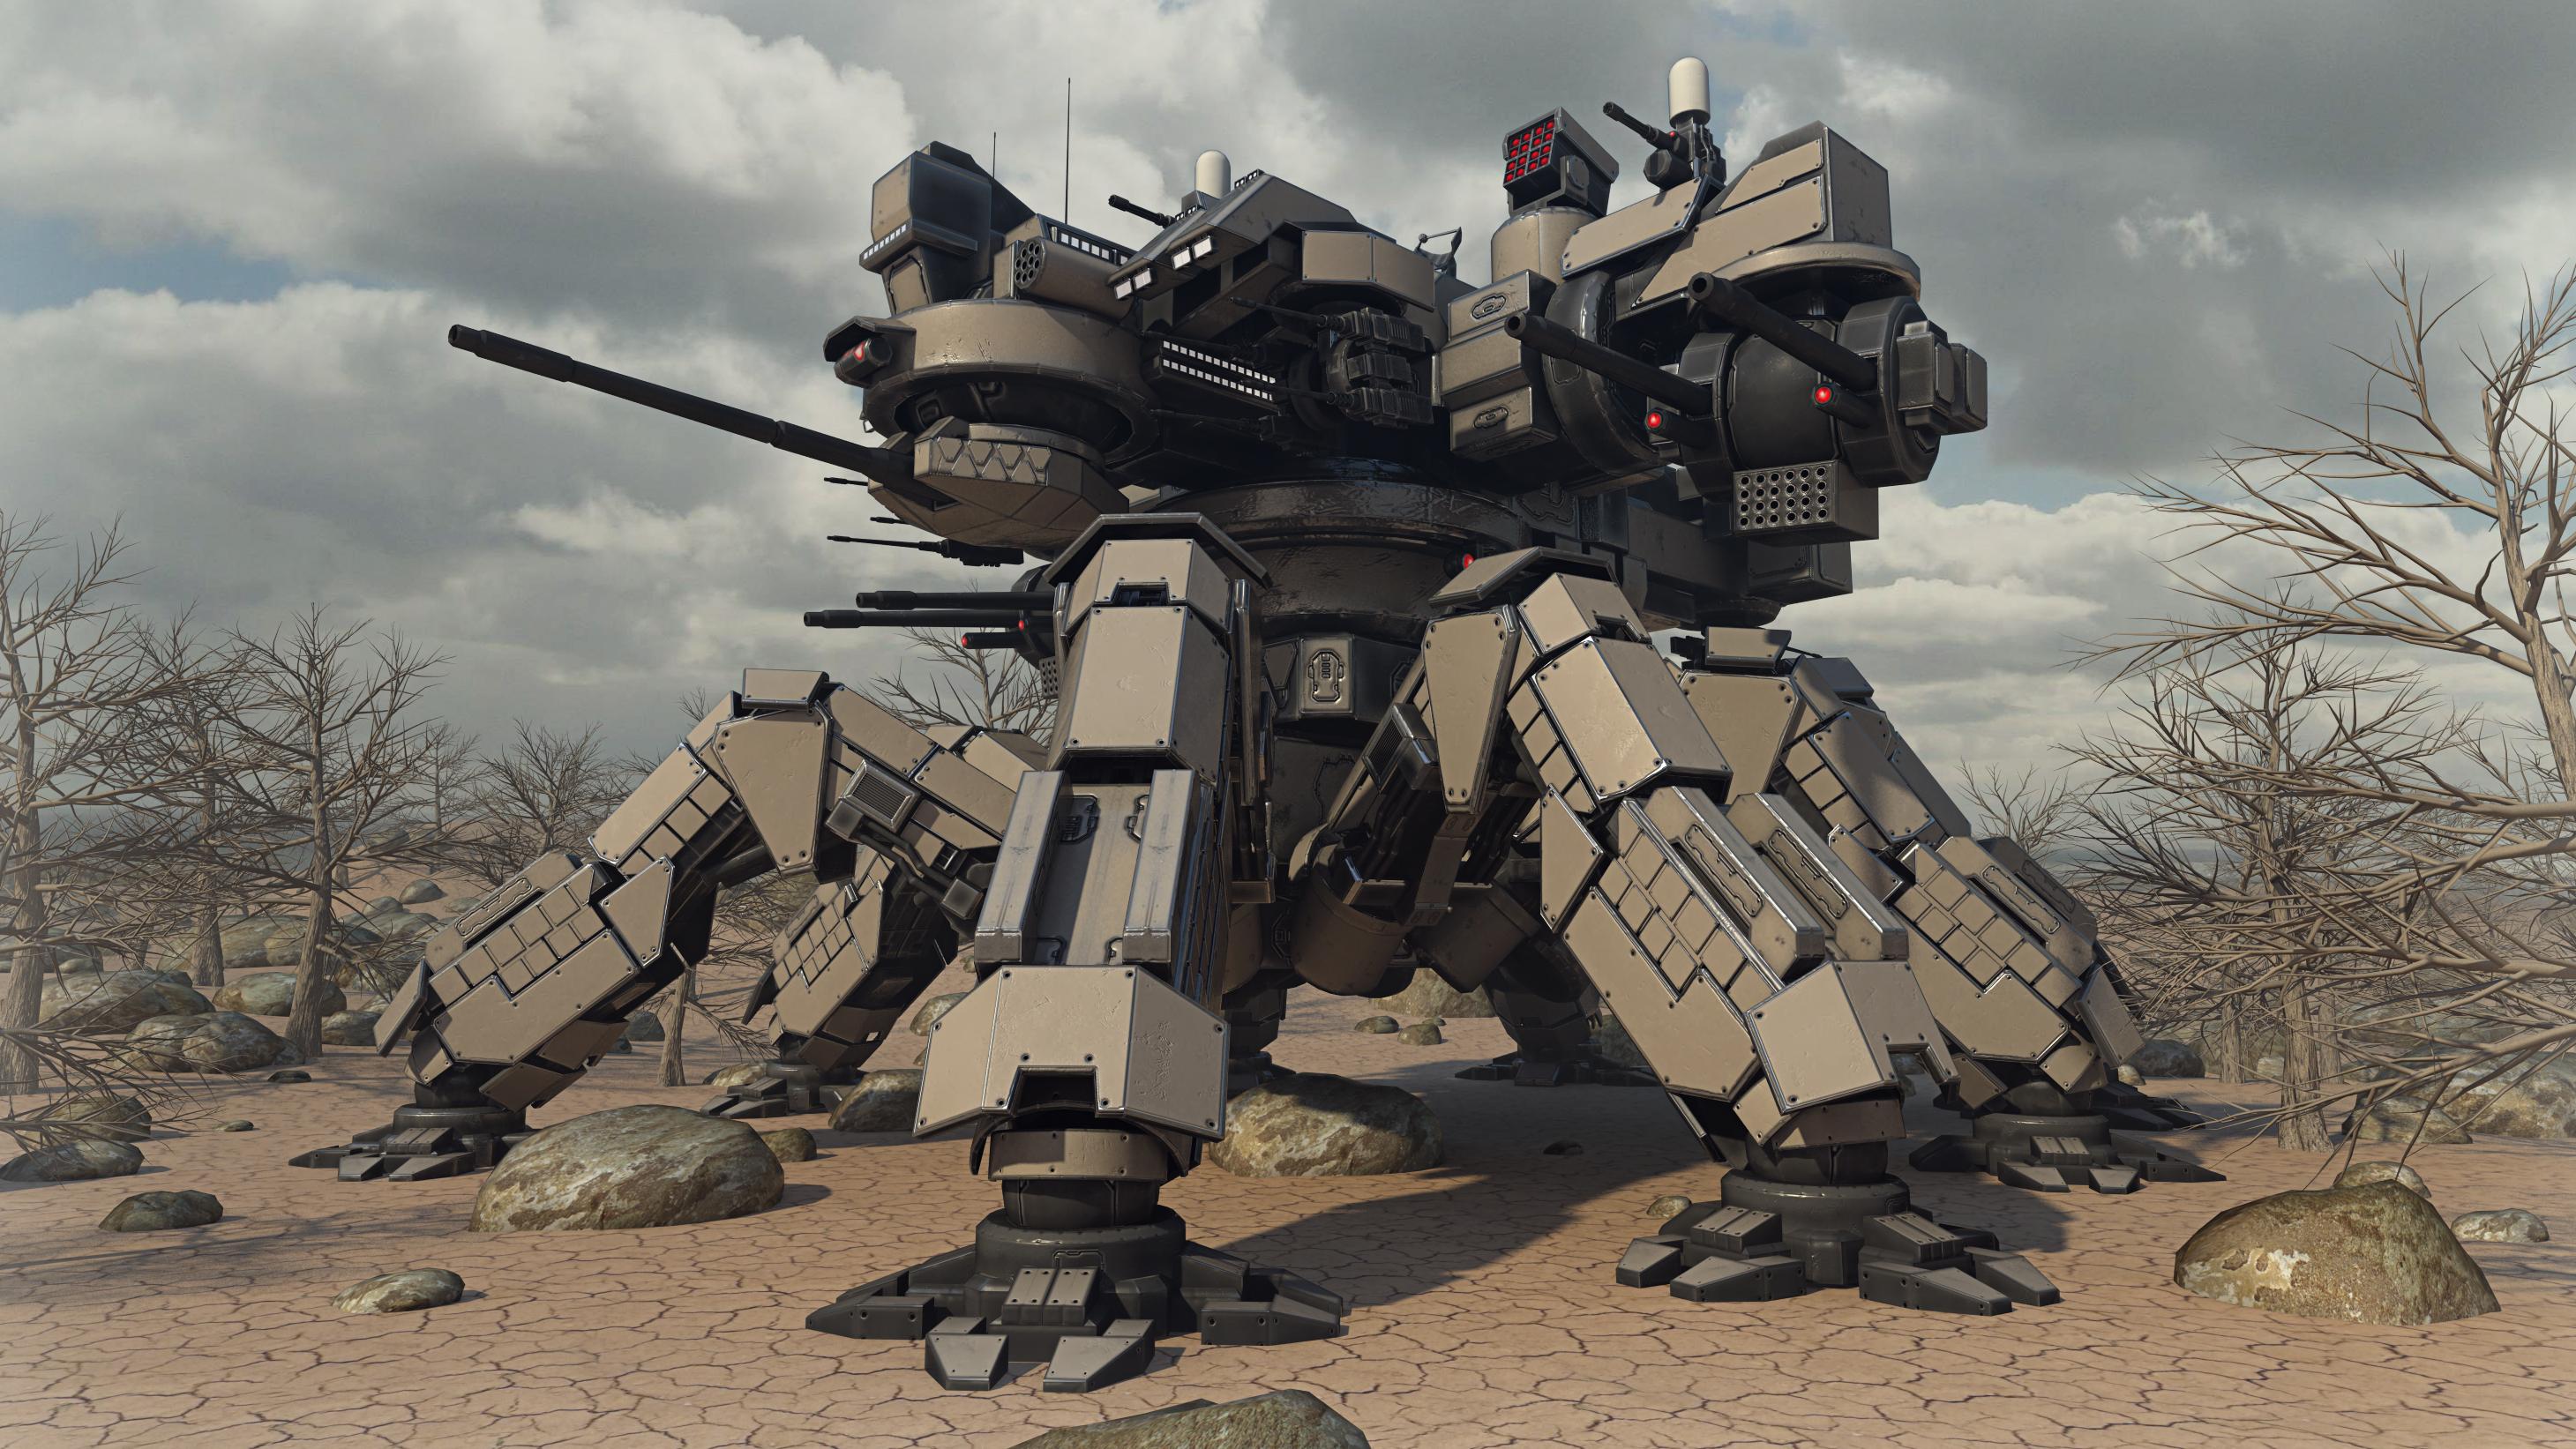 robot drone with Desert Spider Mecha 358540797 on Robot Arm additionally Desert Spider Mecha 358540797 together with Solidworks likewise U Boot Drohne Mit Unterwasser Kamera Gesteuert Per Ipad also Watch.